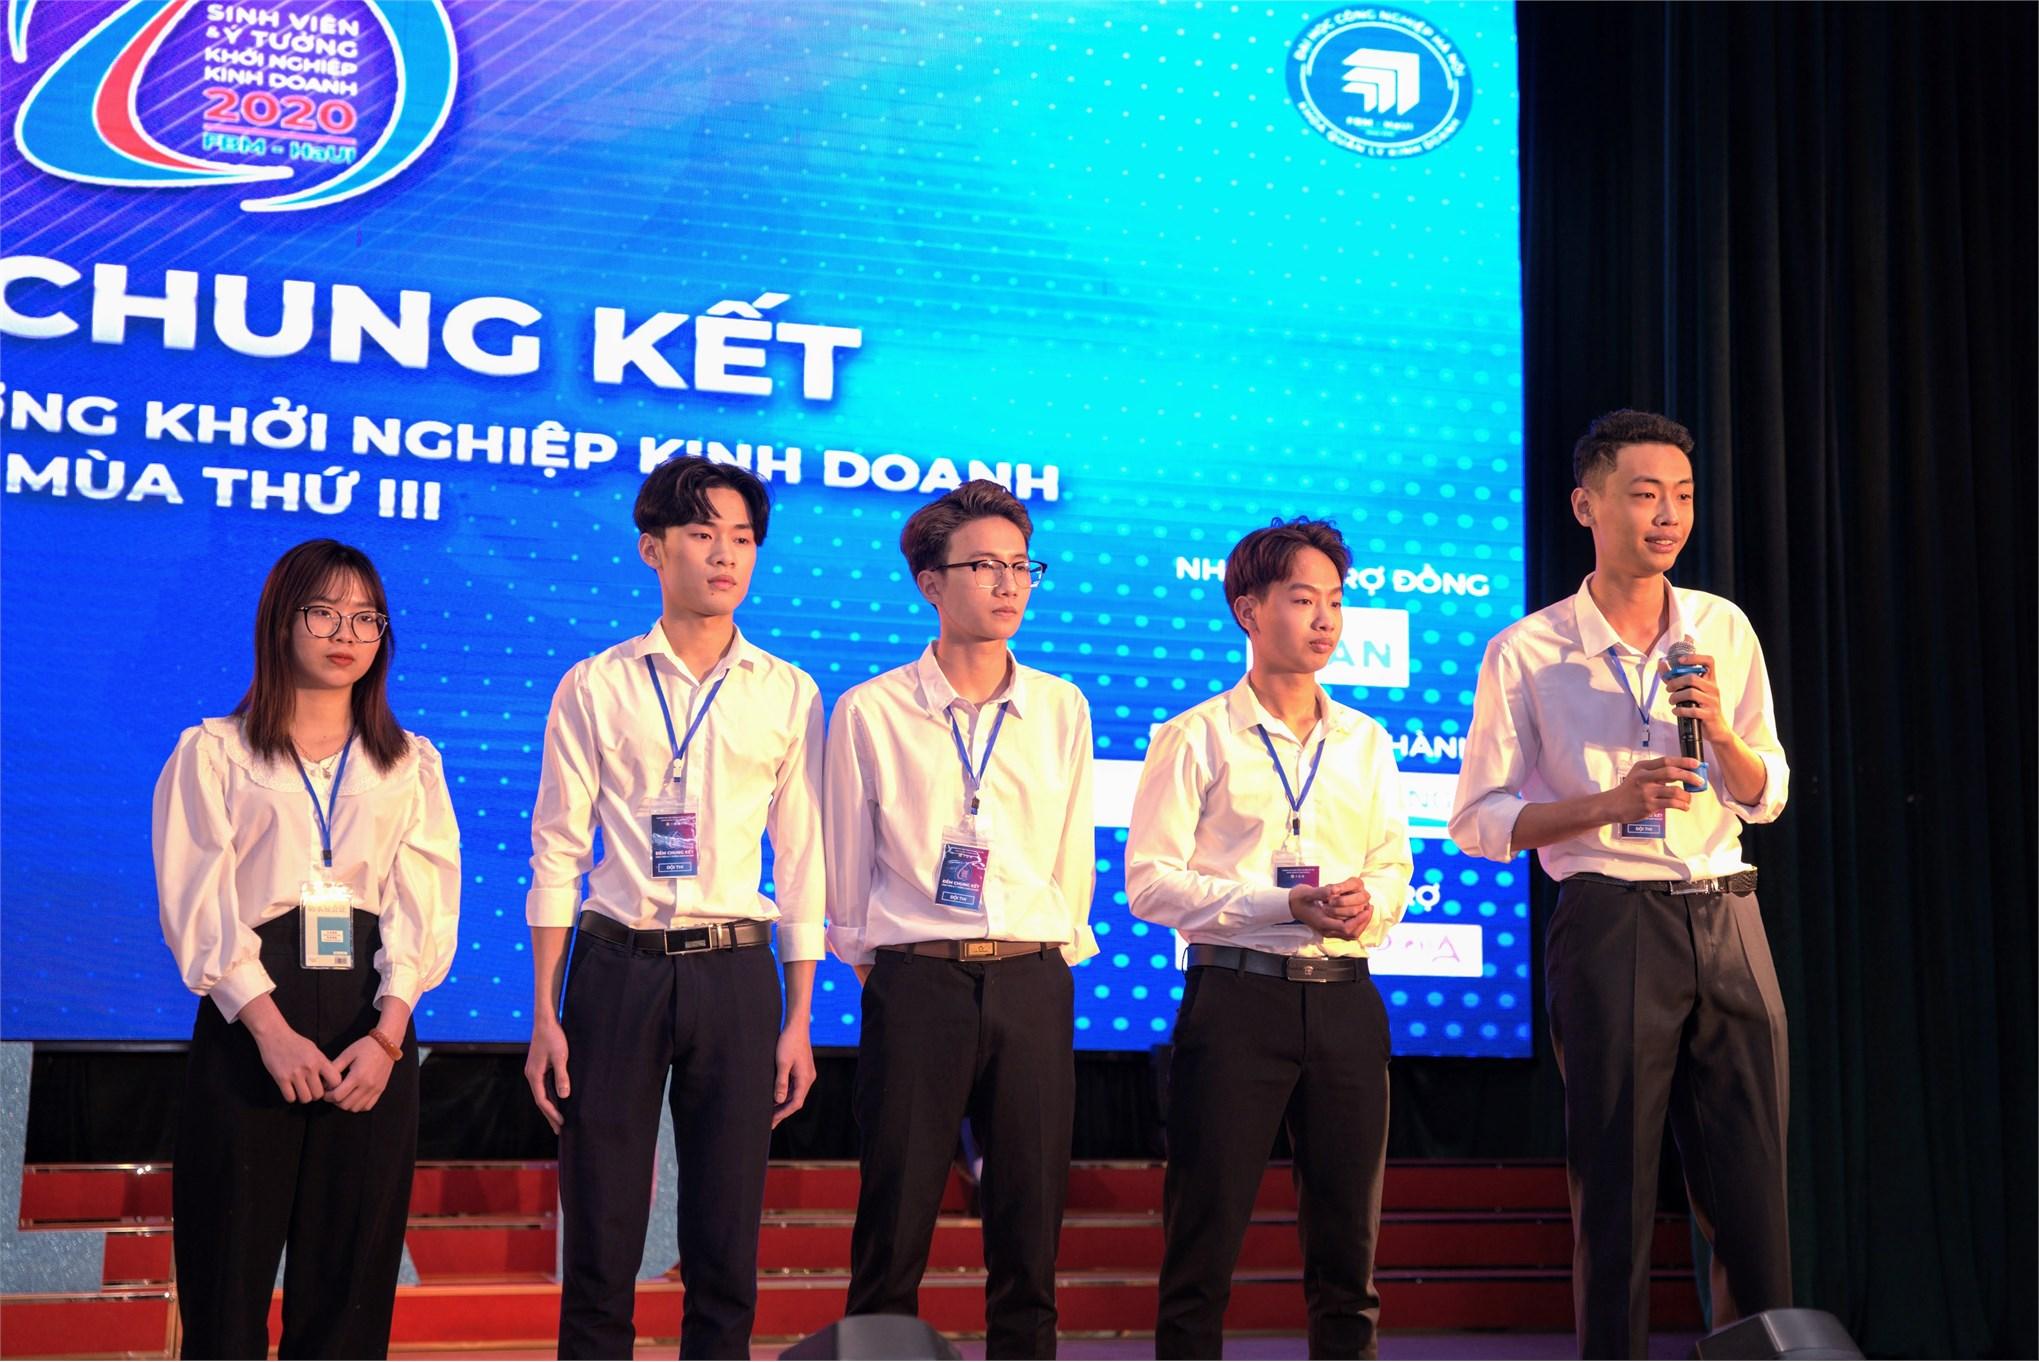 """Đội thi """"Sắc màu"""" xuất sắc giành giải nhất cuộc thi """"Sinh viên và ý tưởng khởi nghiệp"""" năm 2020"""